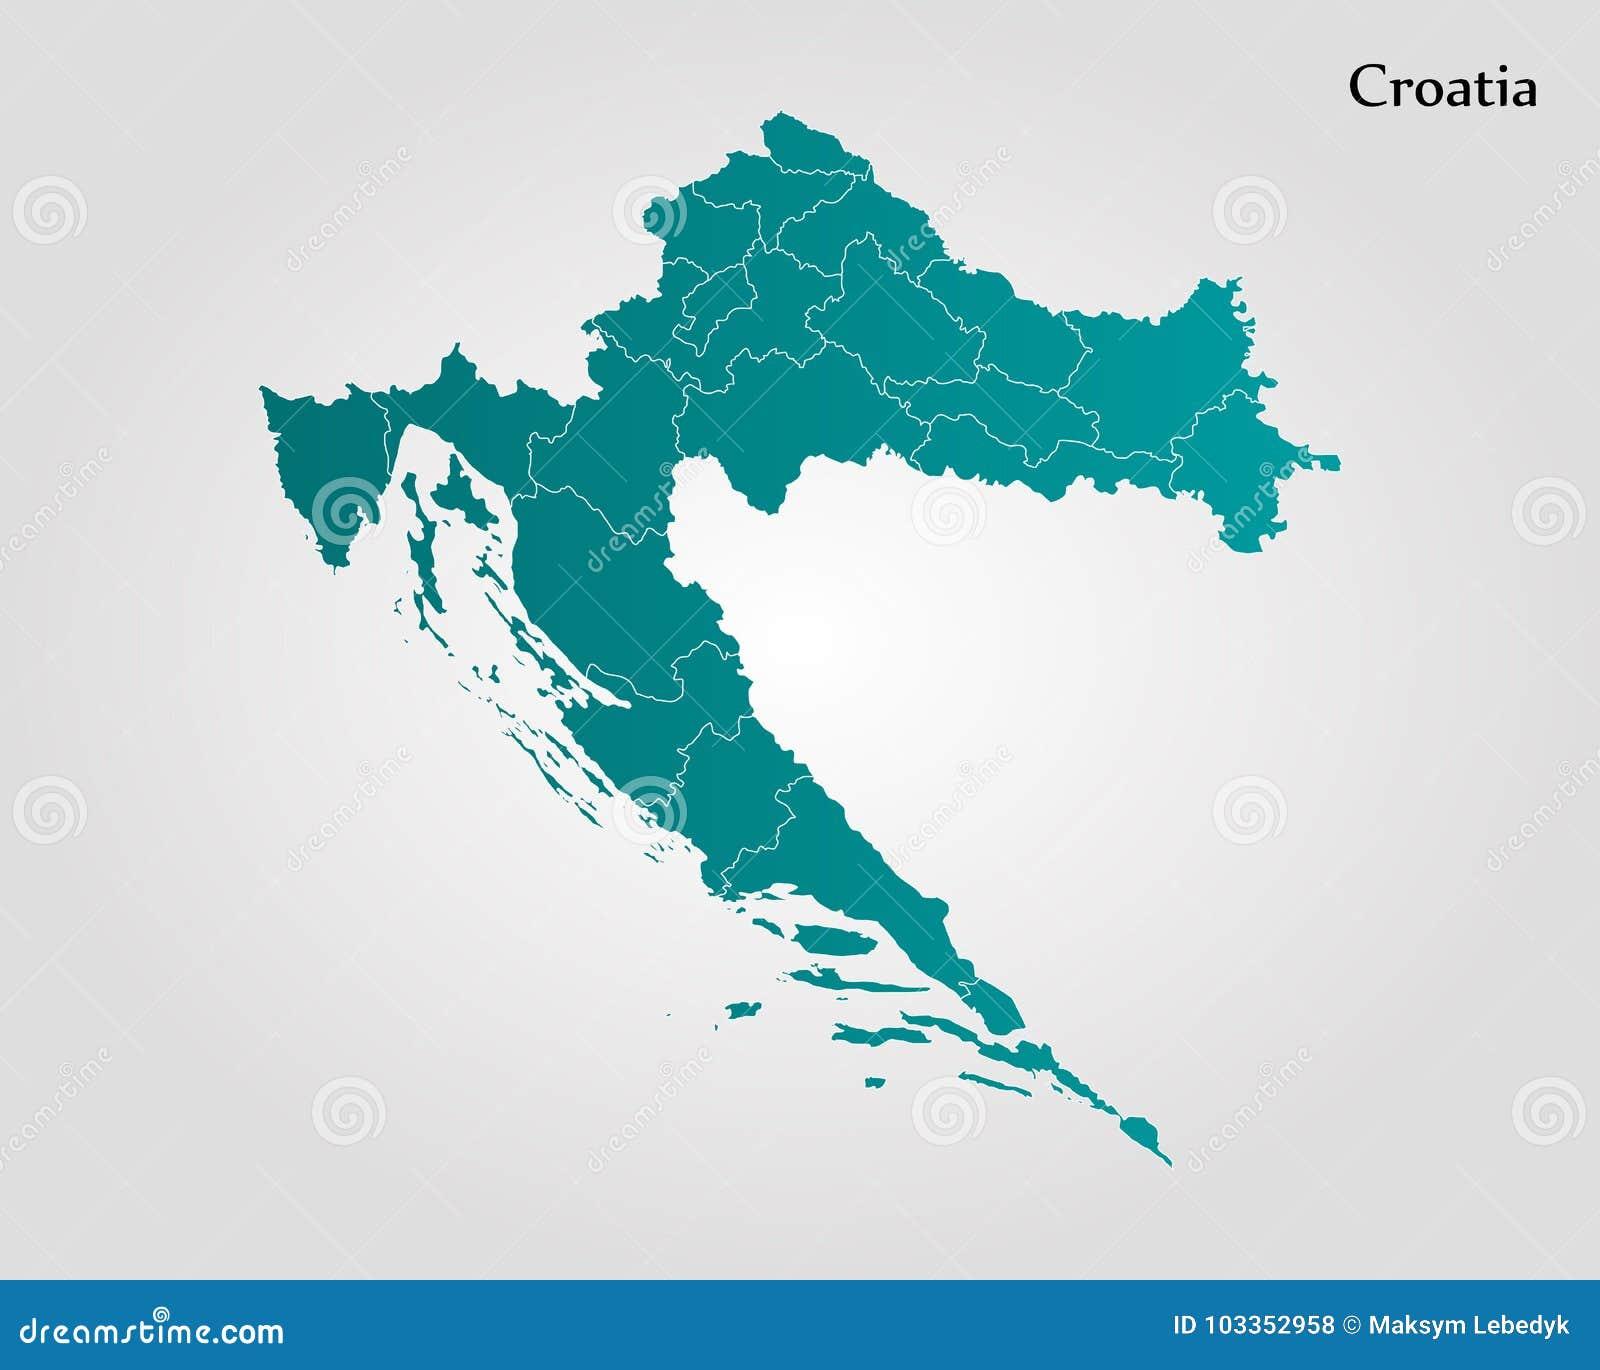 Map of croatia stock illustration illustration of croatia 103352958 map of croatia cartography design royalty free illustration gumiabroncs Images